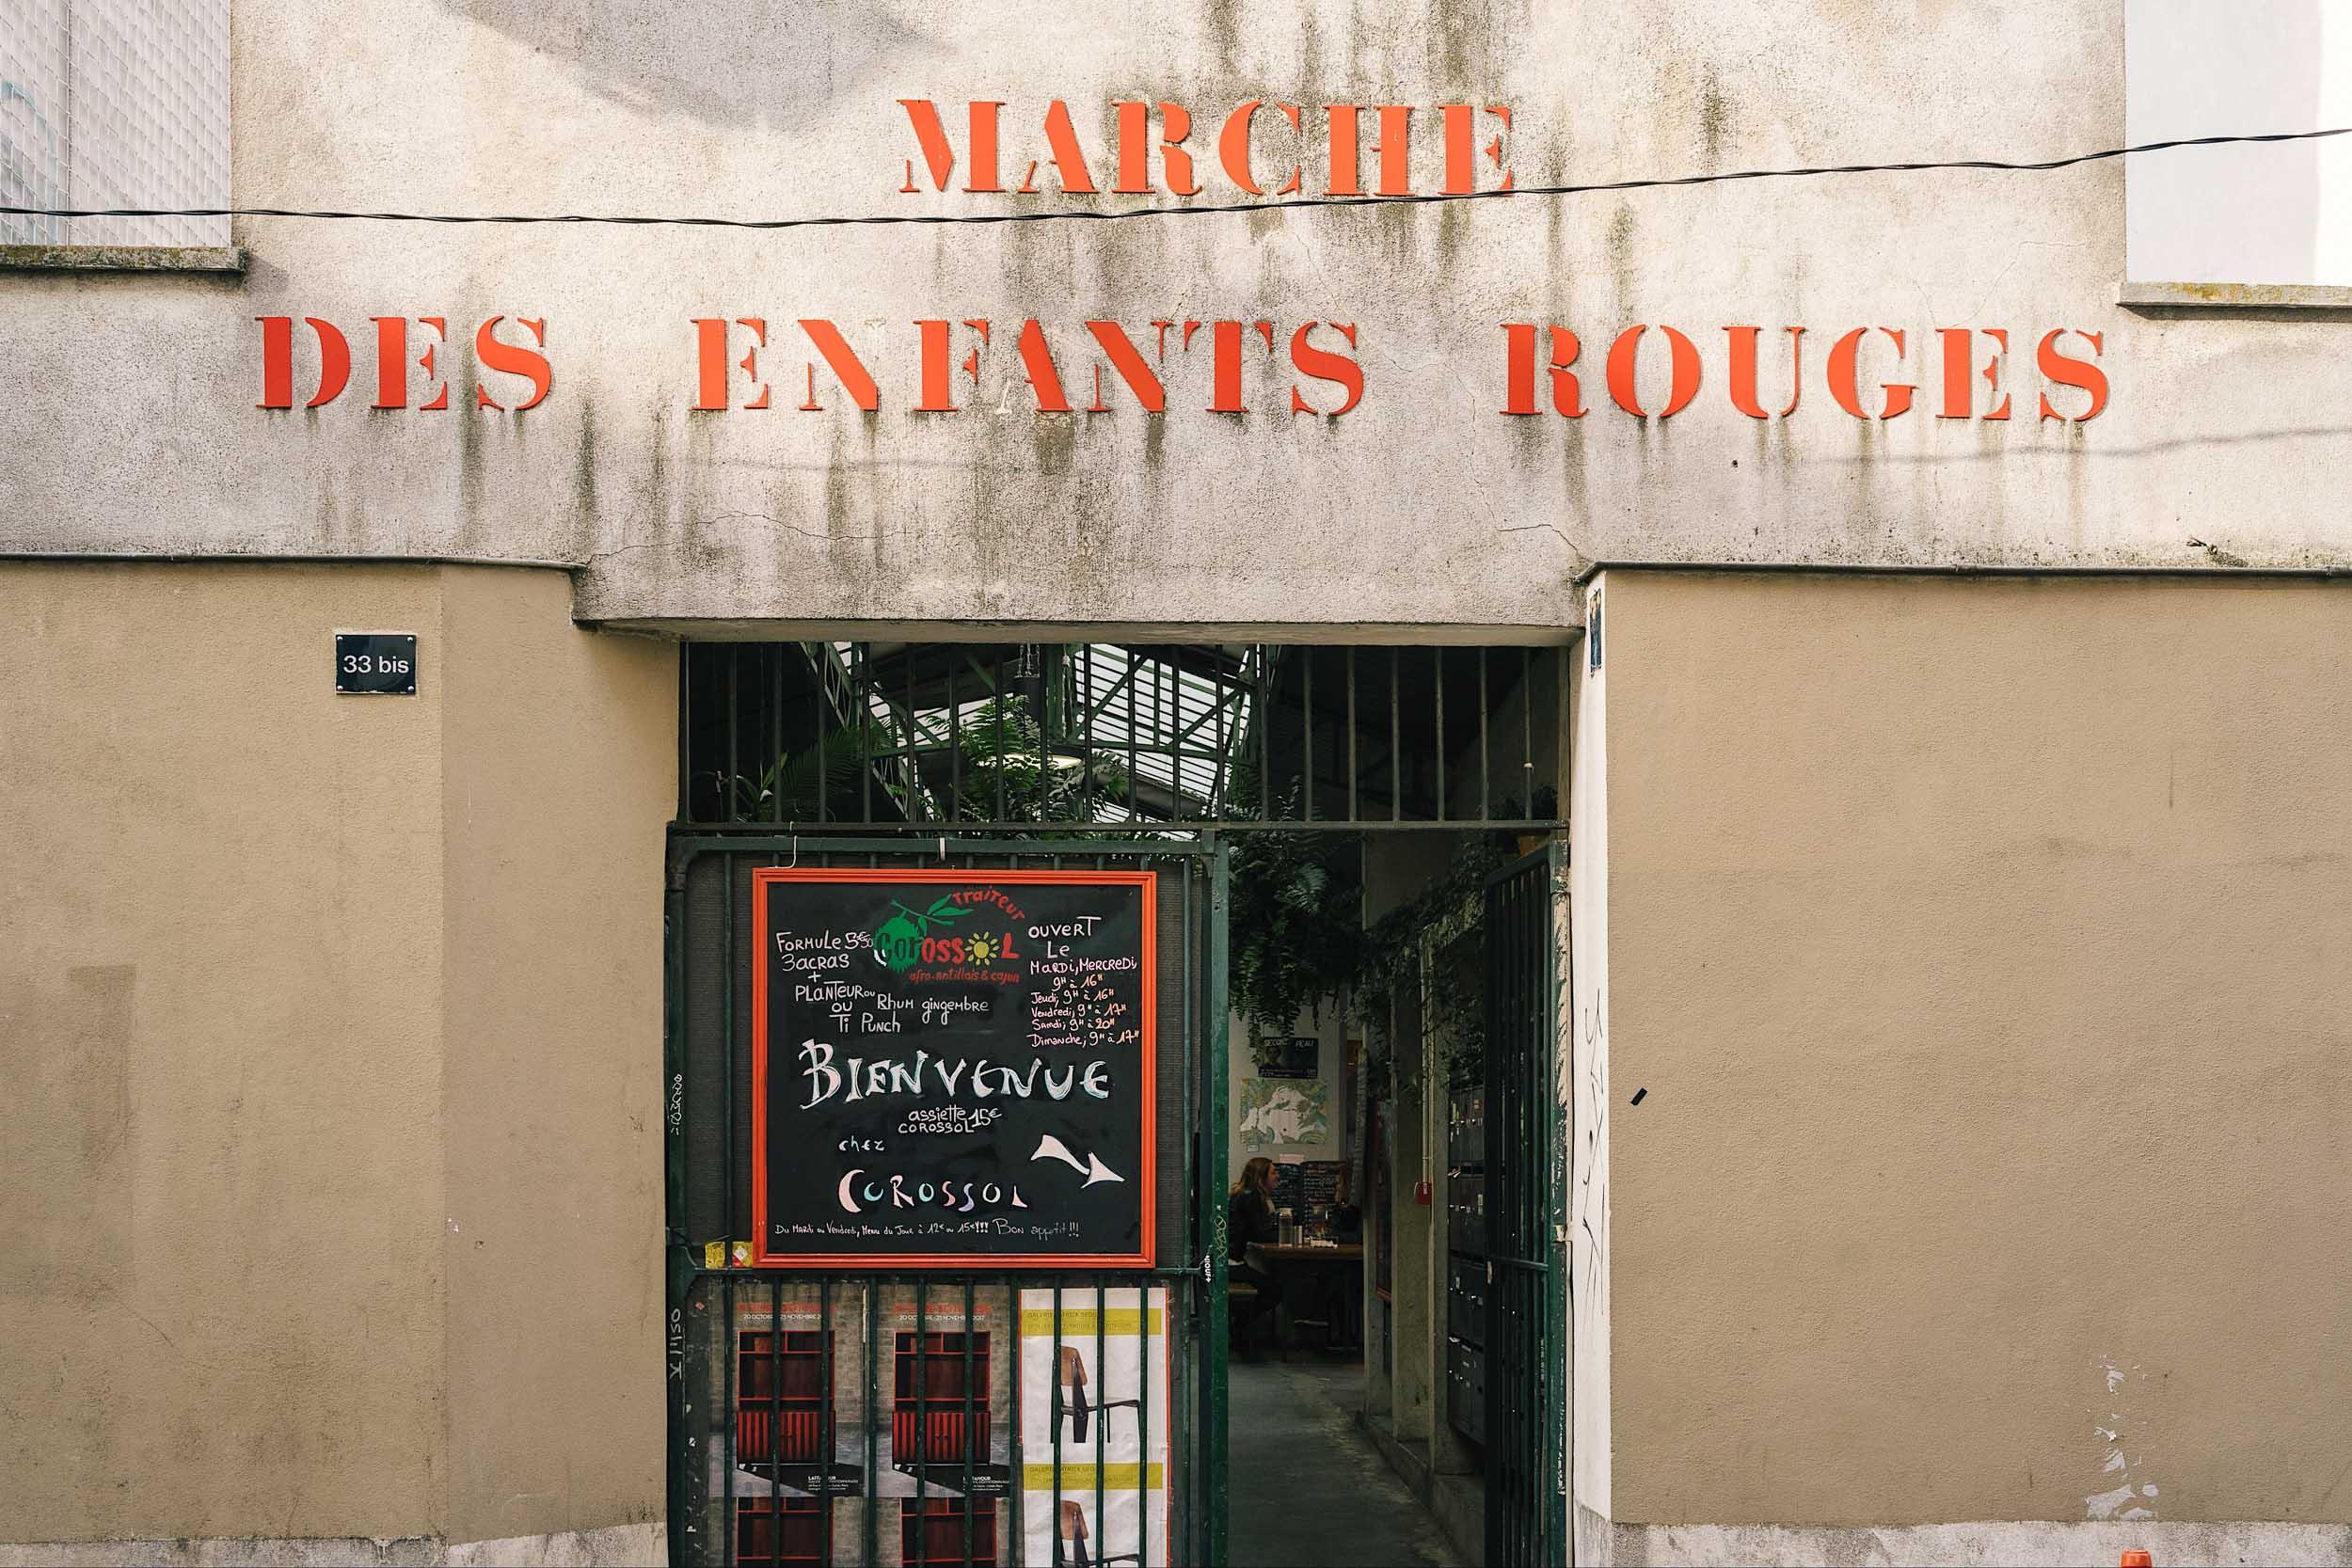 MARCHE DES ENFANTS ROUGES